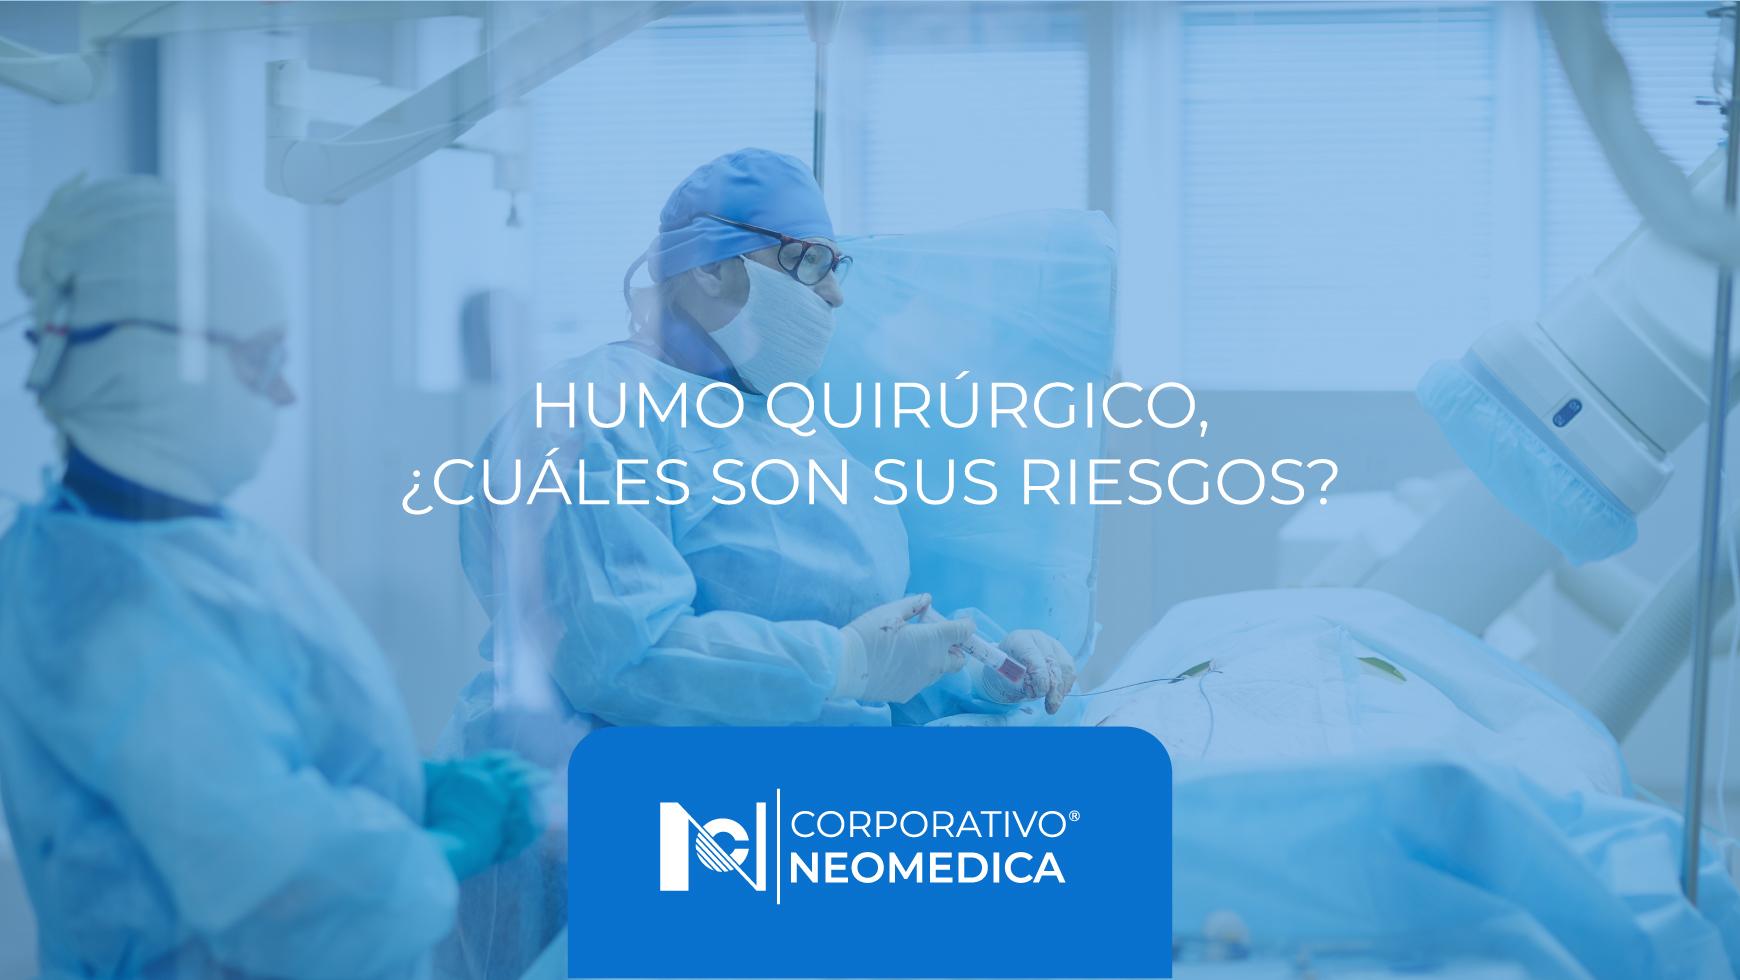 Describir por qué el humo quirúrgico es tóxico para la salud de médicos y pacientes